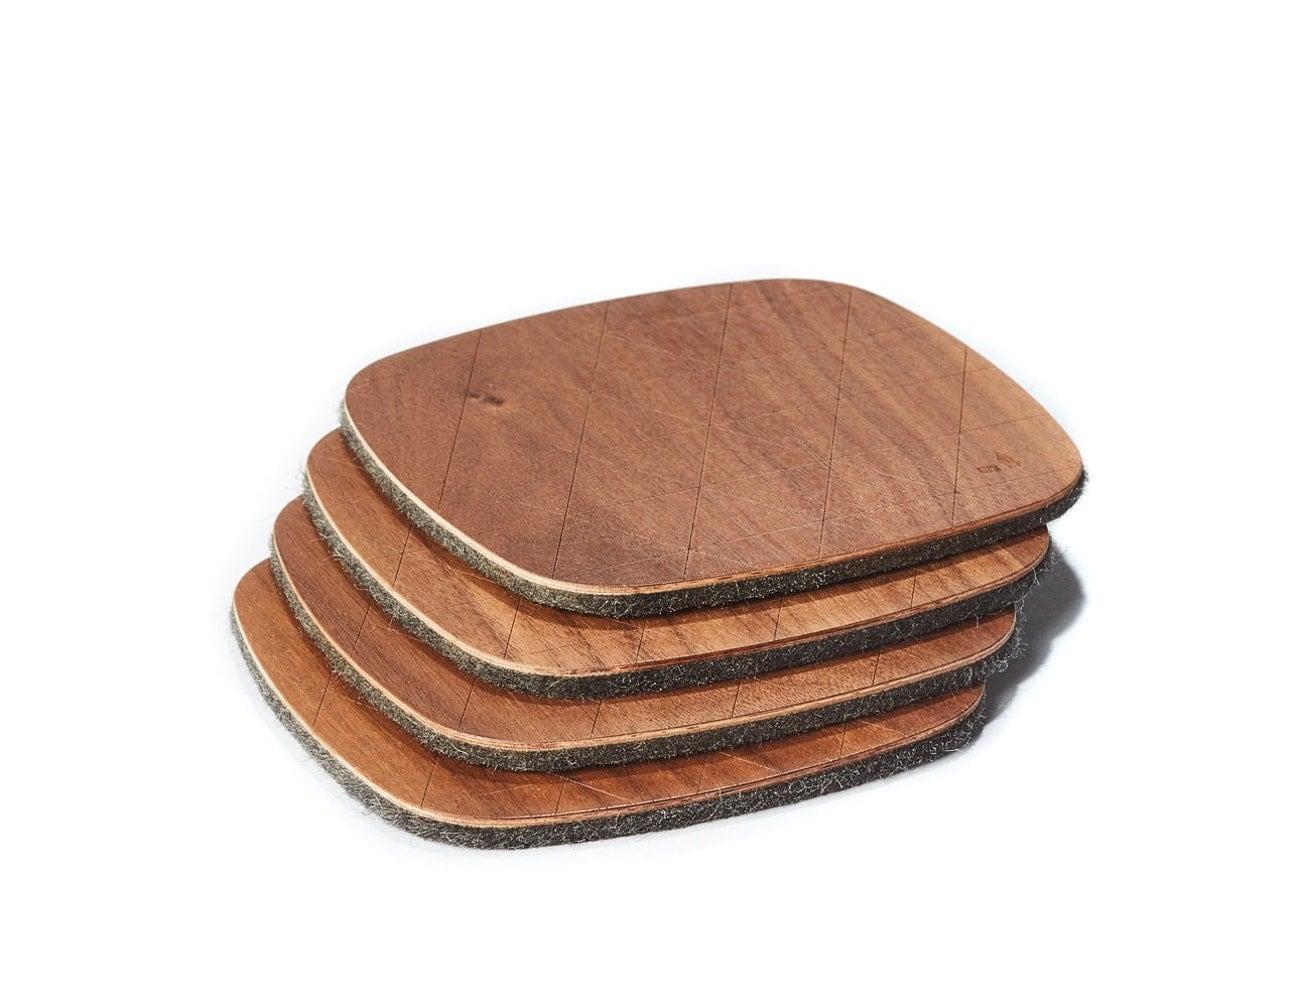 Grovemade Walnut Coaster Set